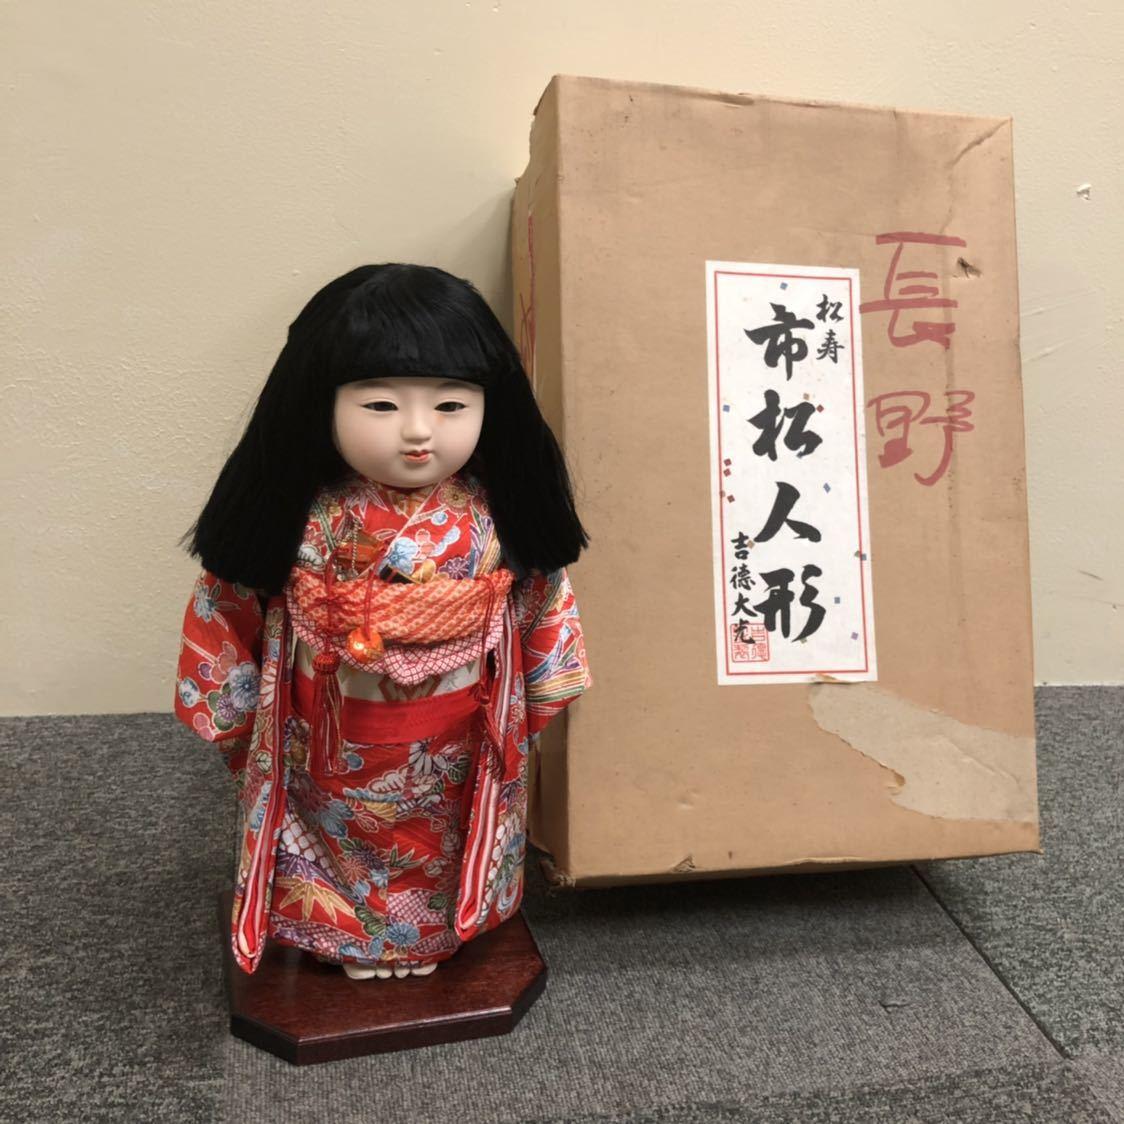 * 松寿 市松人形 日本人形 ◆ 吉徳大光 和服 日本 着物 伝統 工芸 昭和 レトロ 女の子 格安売り切りスタート_画像1